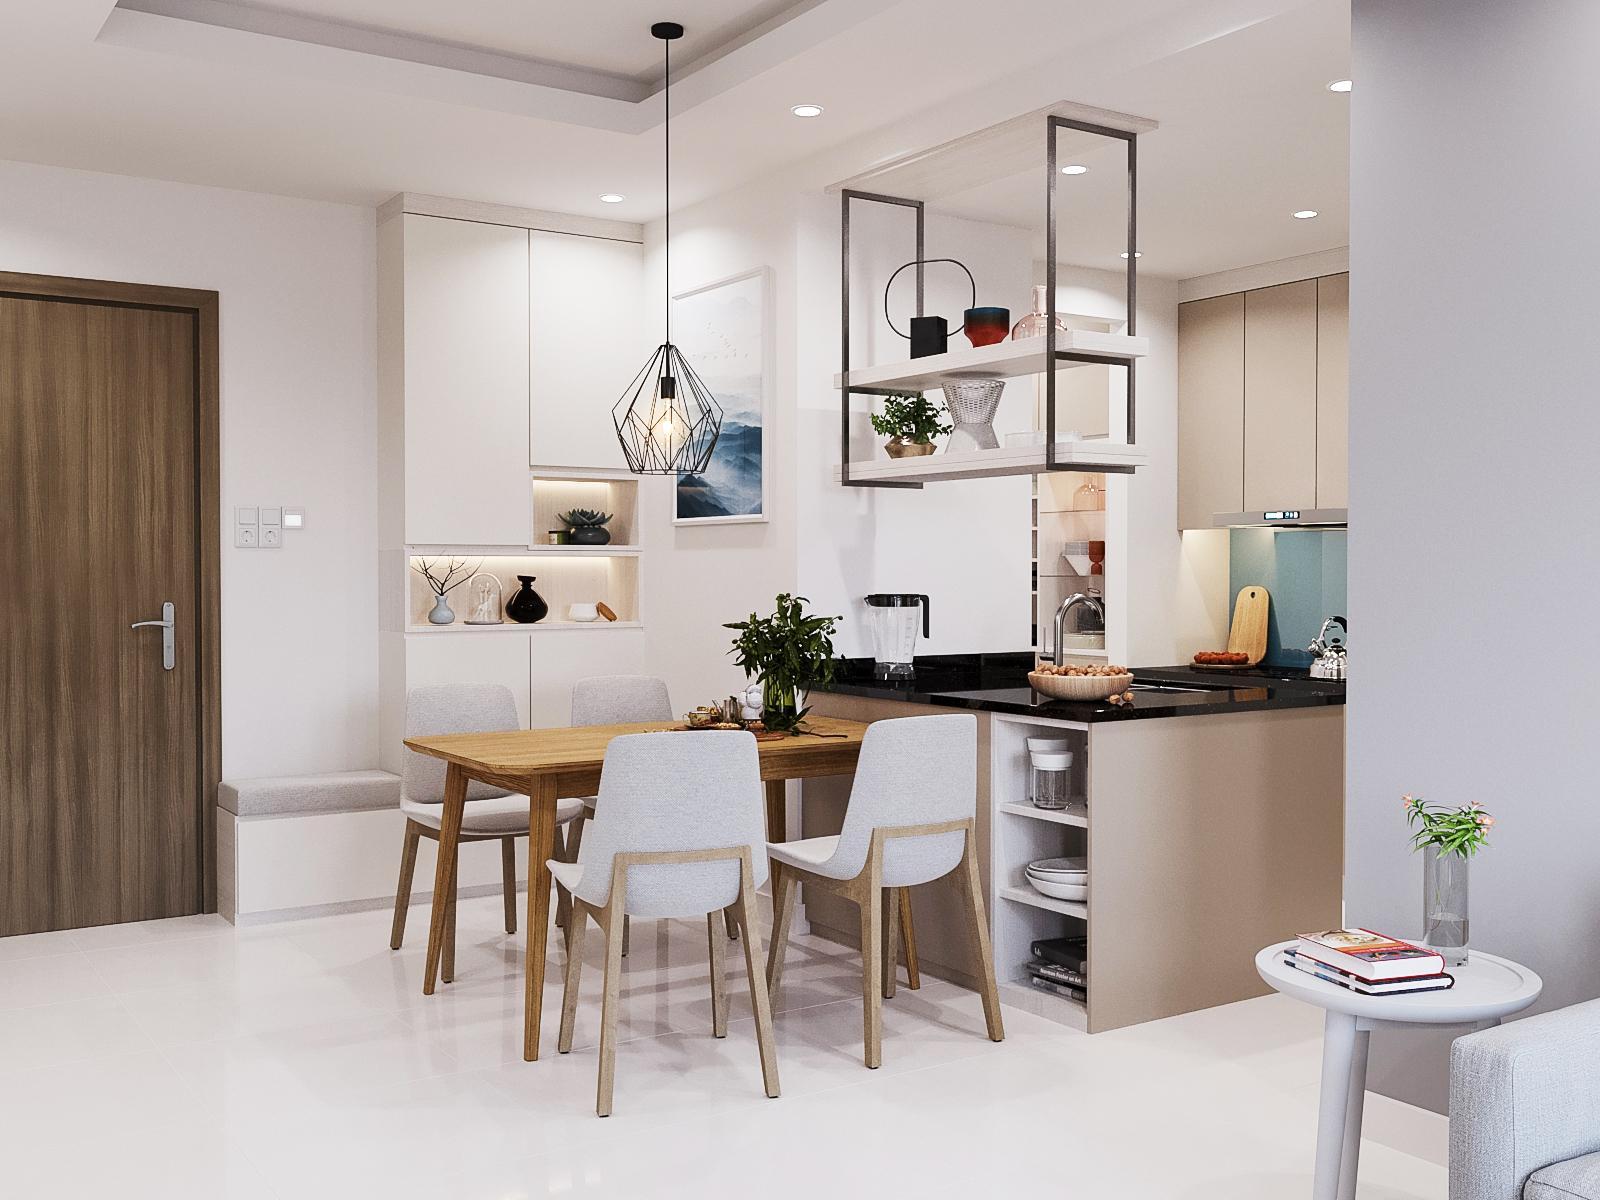 Thiết kế nội thất phòng bếp căn hộ the view